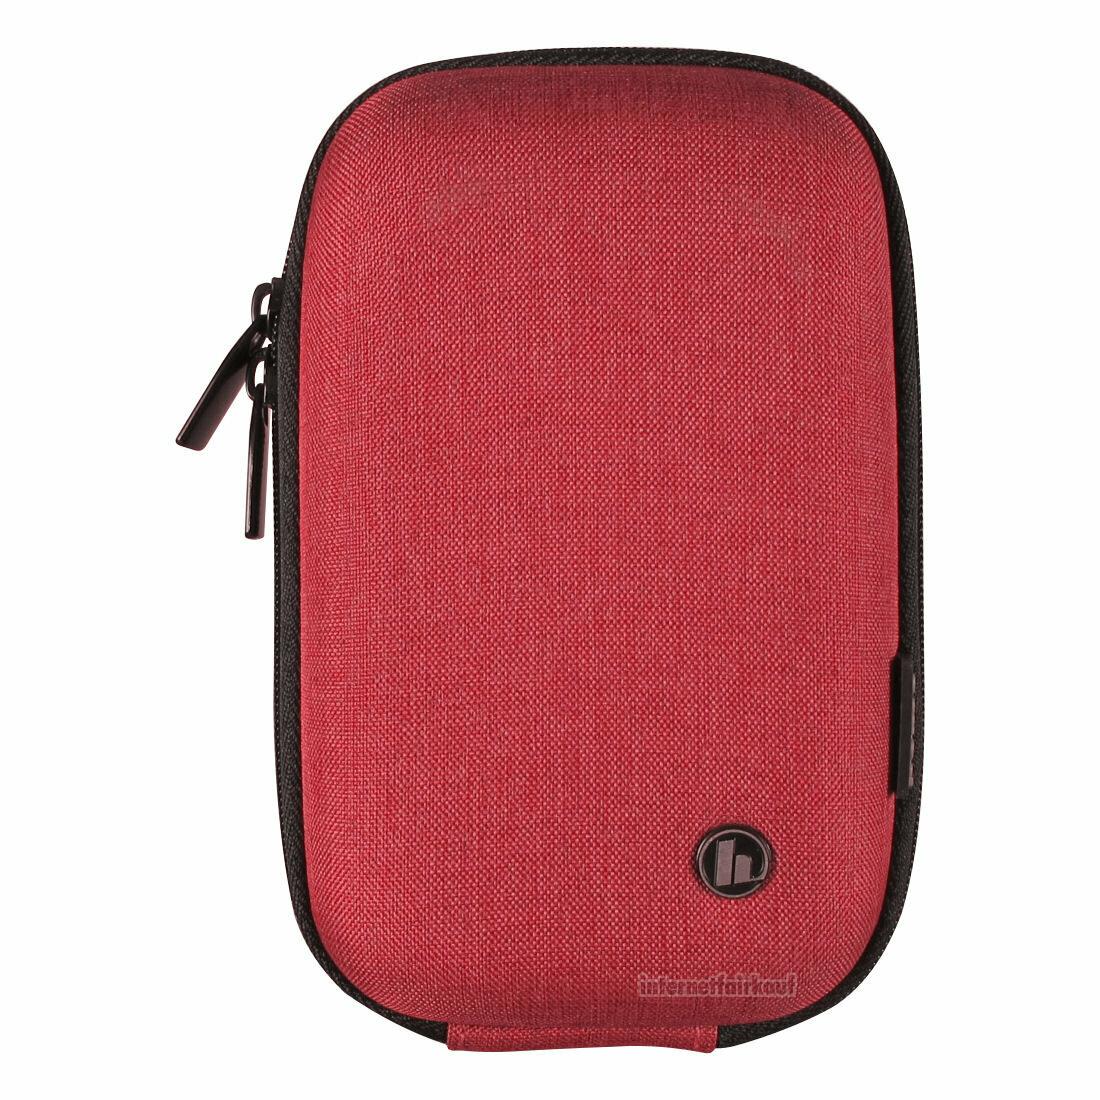 Hardcase Kamera-Tasche rot passend für Olympus Tough TG-1 TG-2